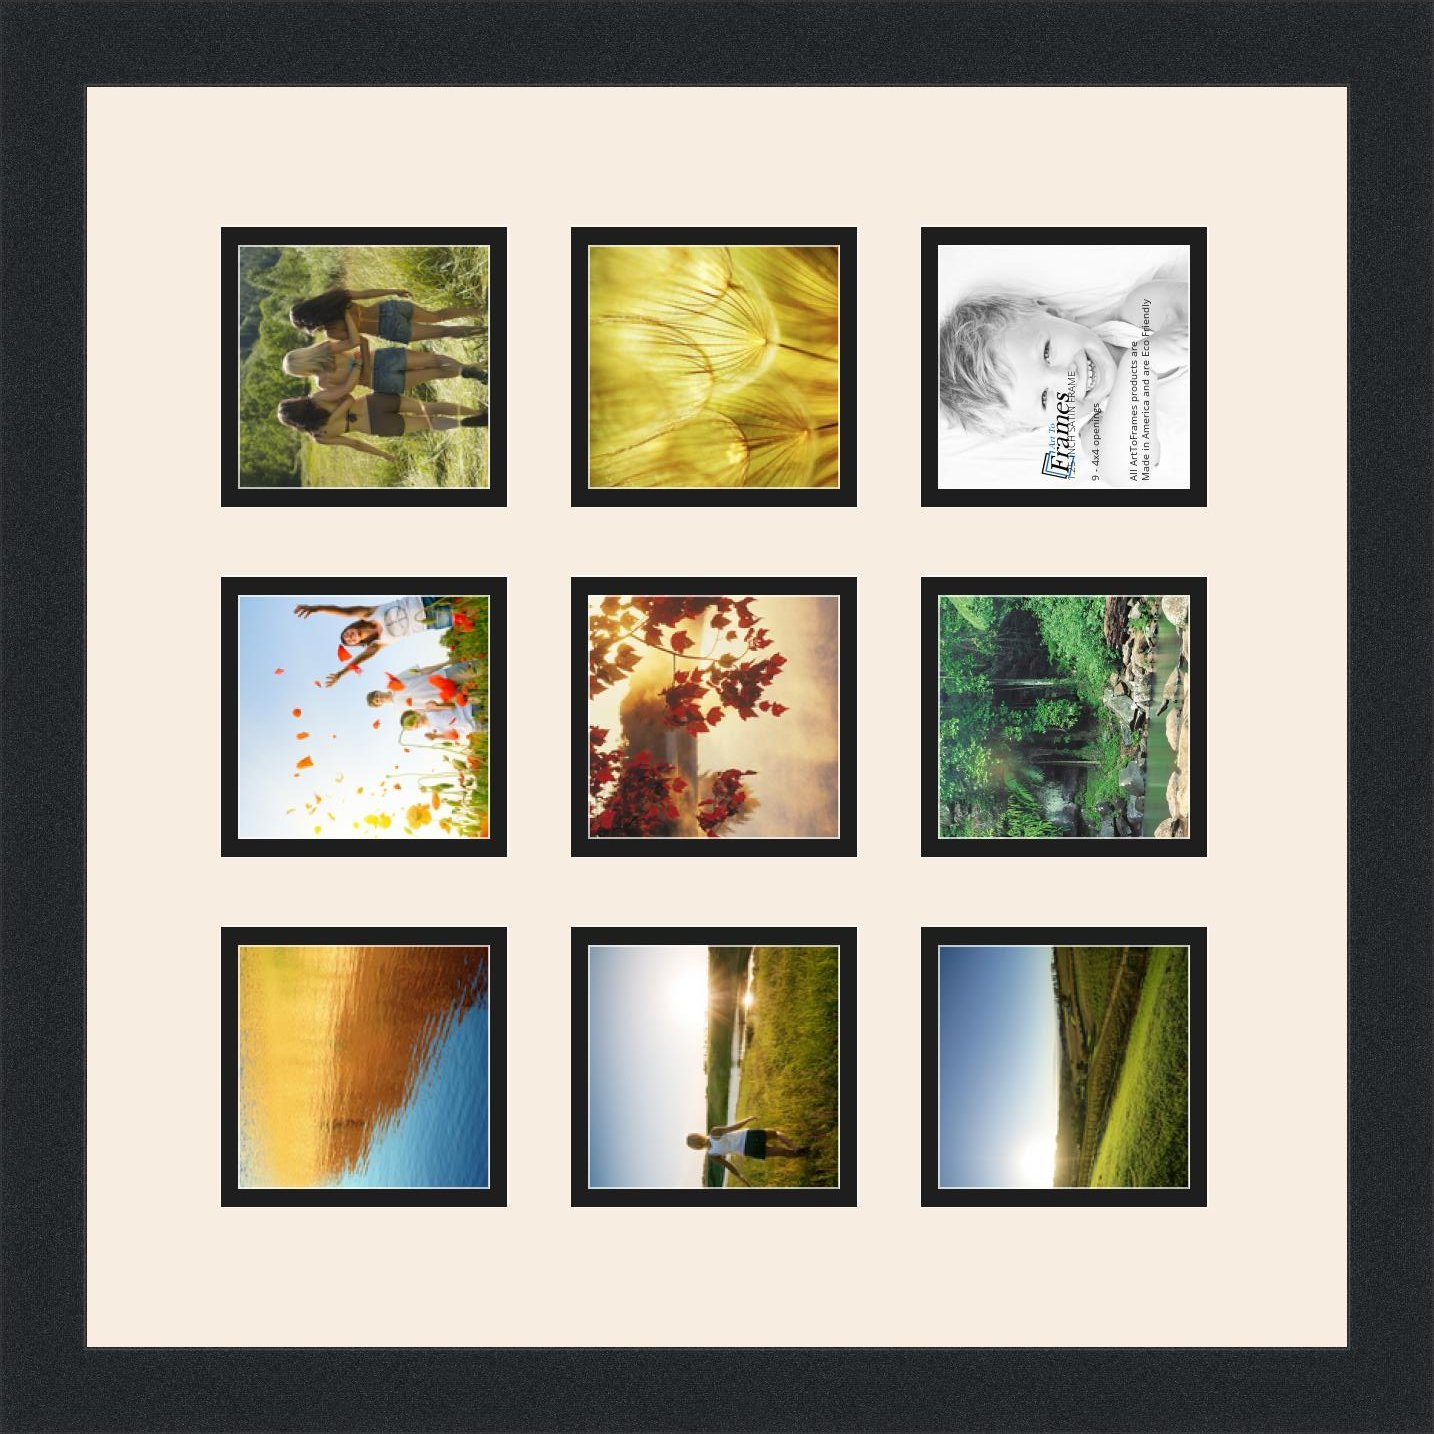 Amazon.de: Art An Rahmen double-multimat-1187-824/89-frbw26079 ...